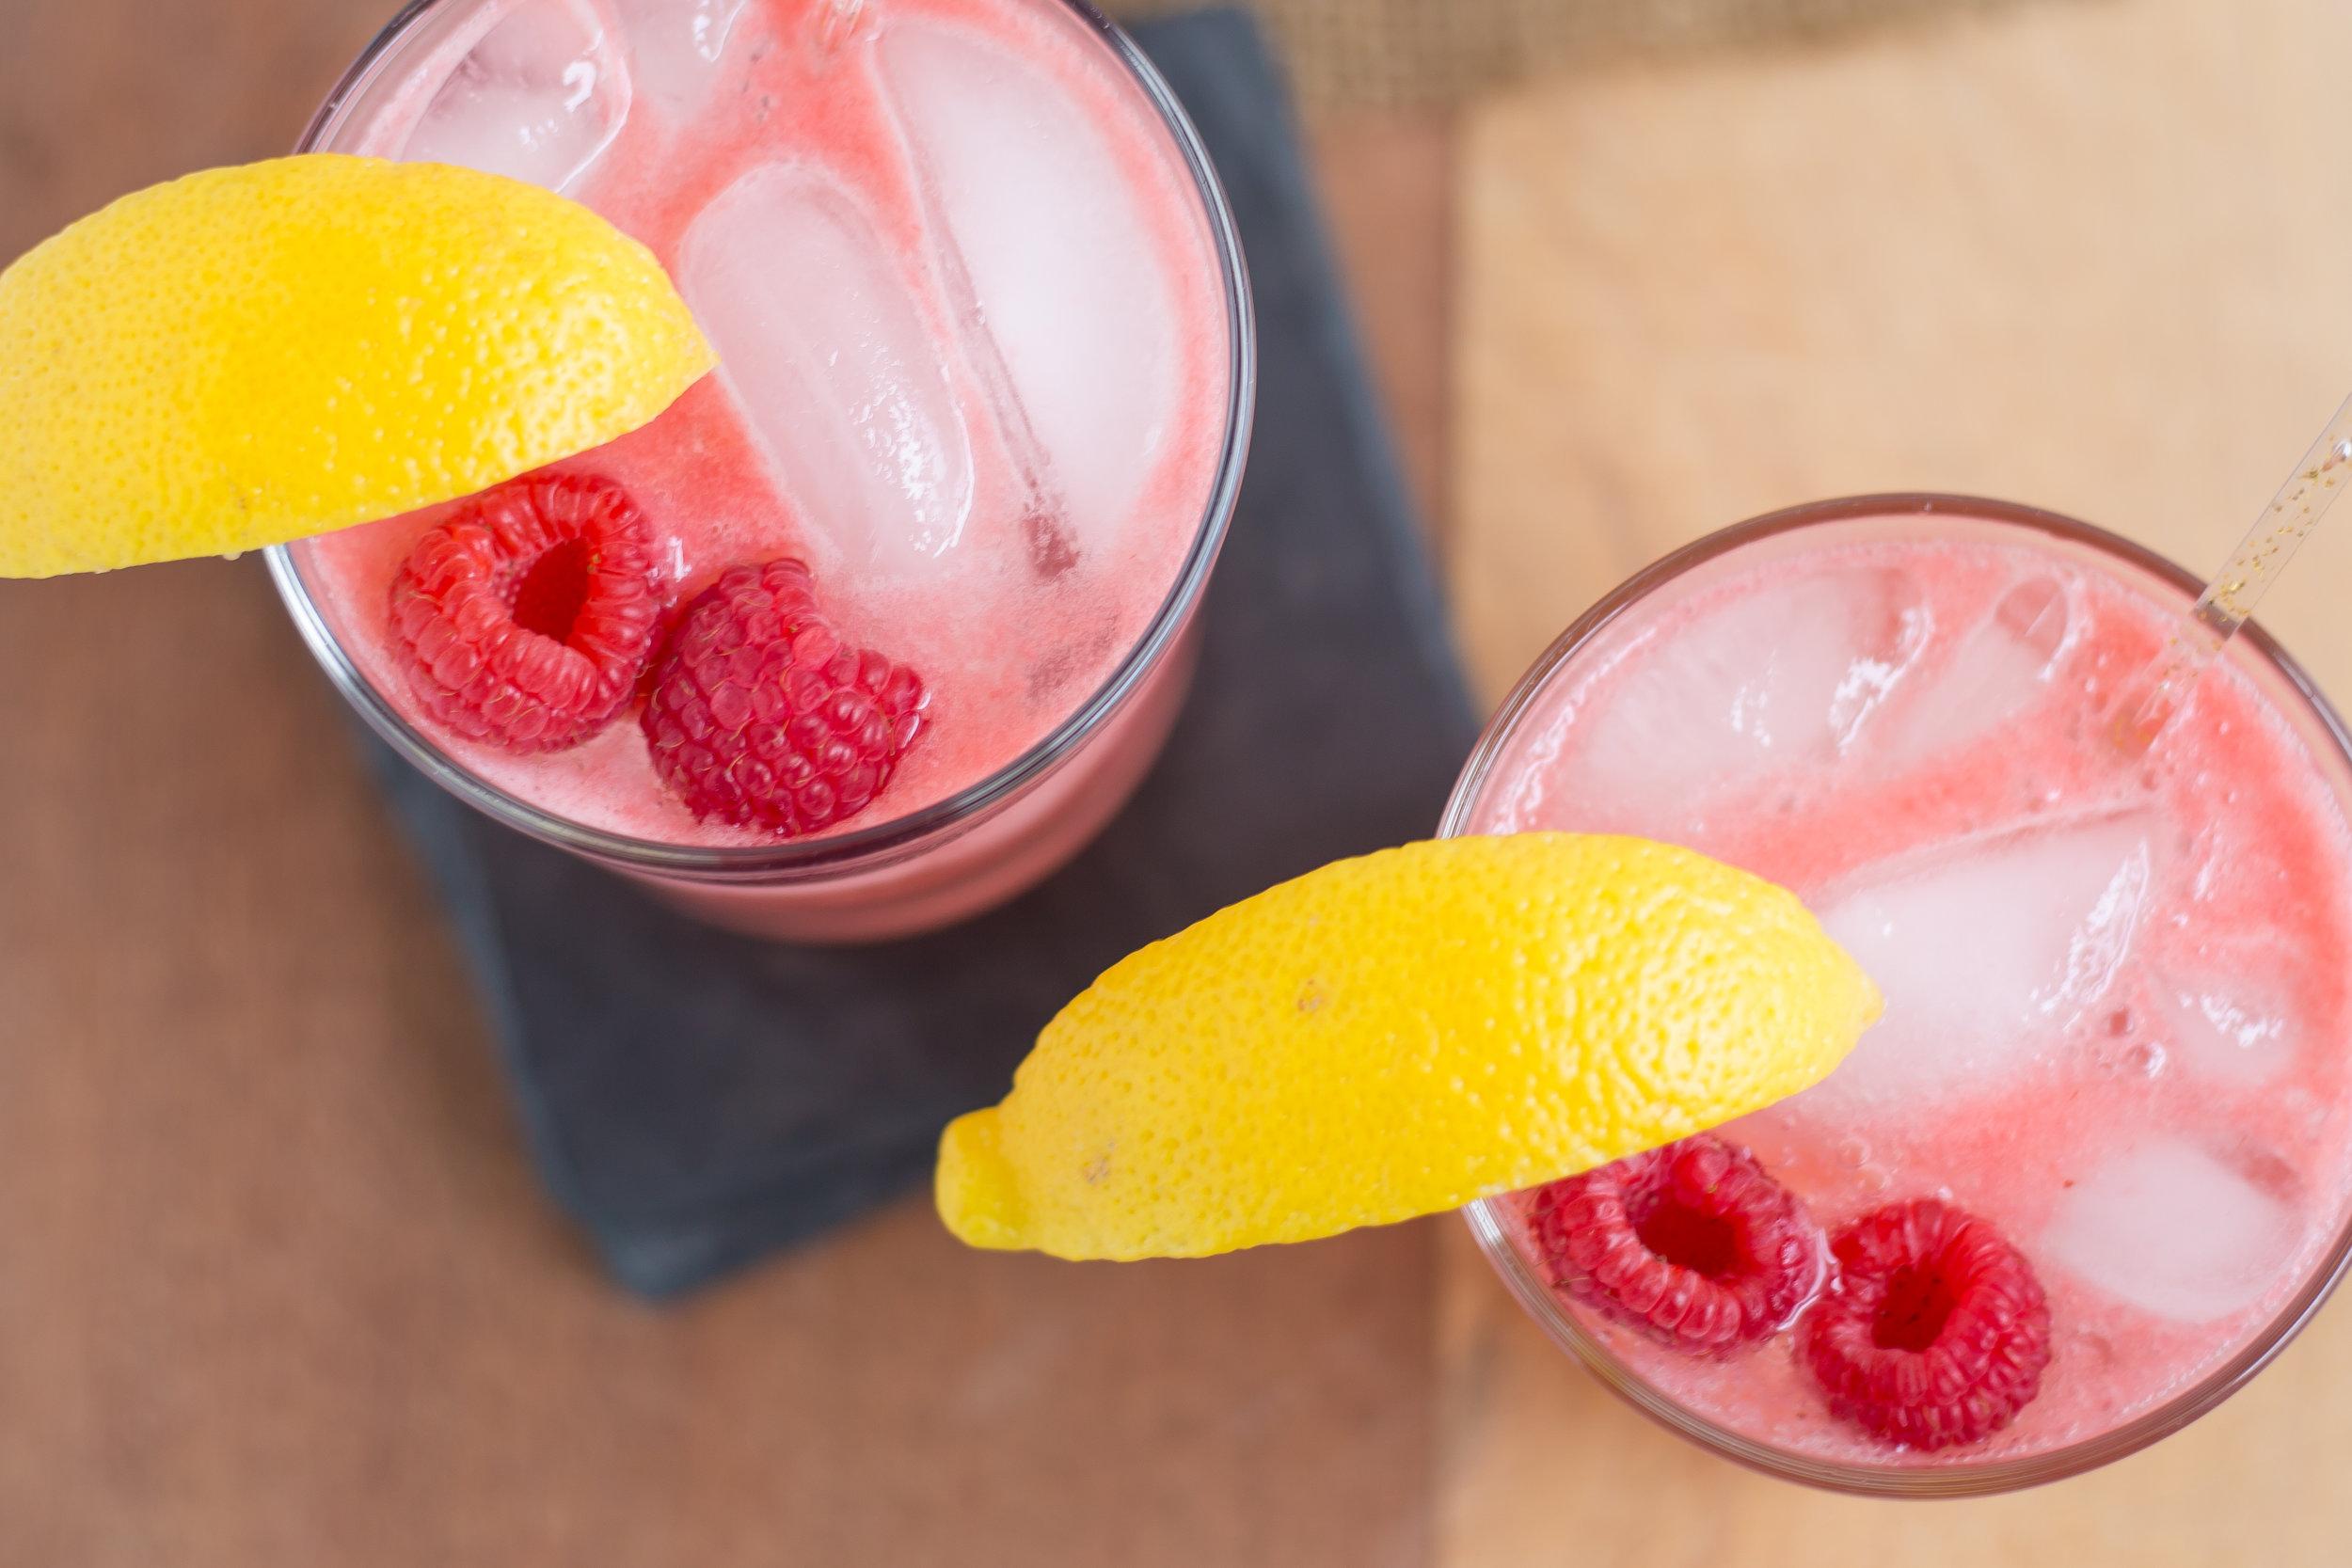 lemon raspberry shrubs, define fettle, paleo recipes, shrubs, easy recipes, healthy recipes, homemade, summertime,